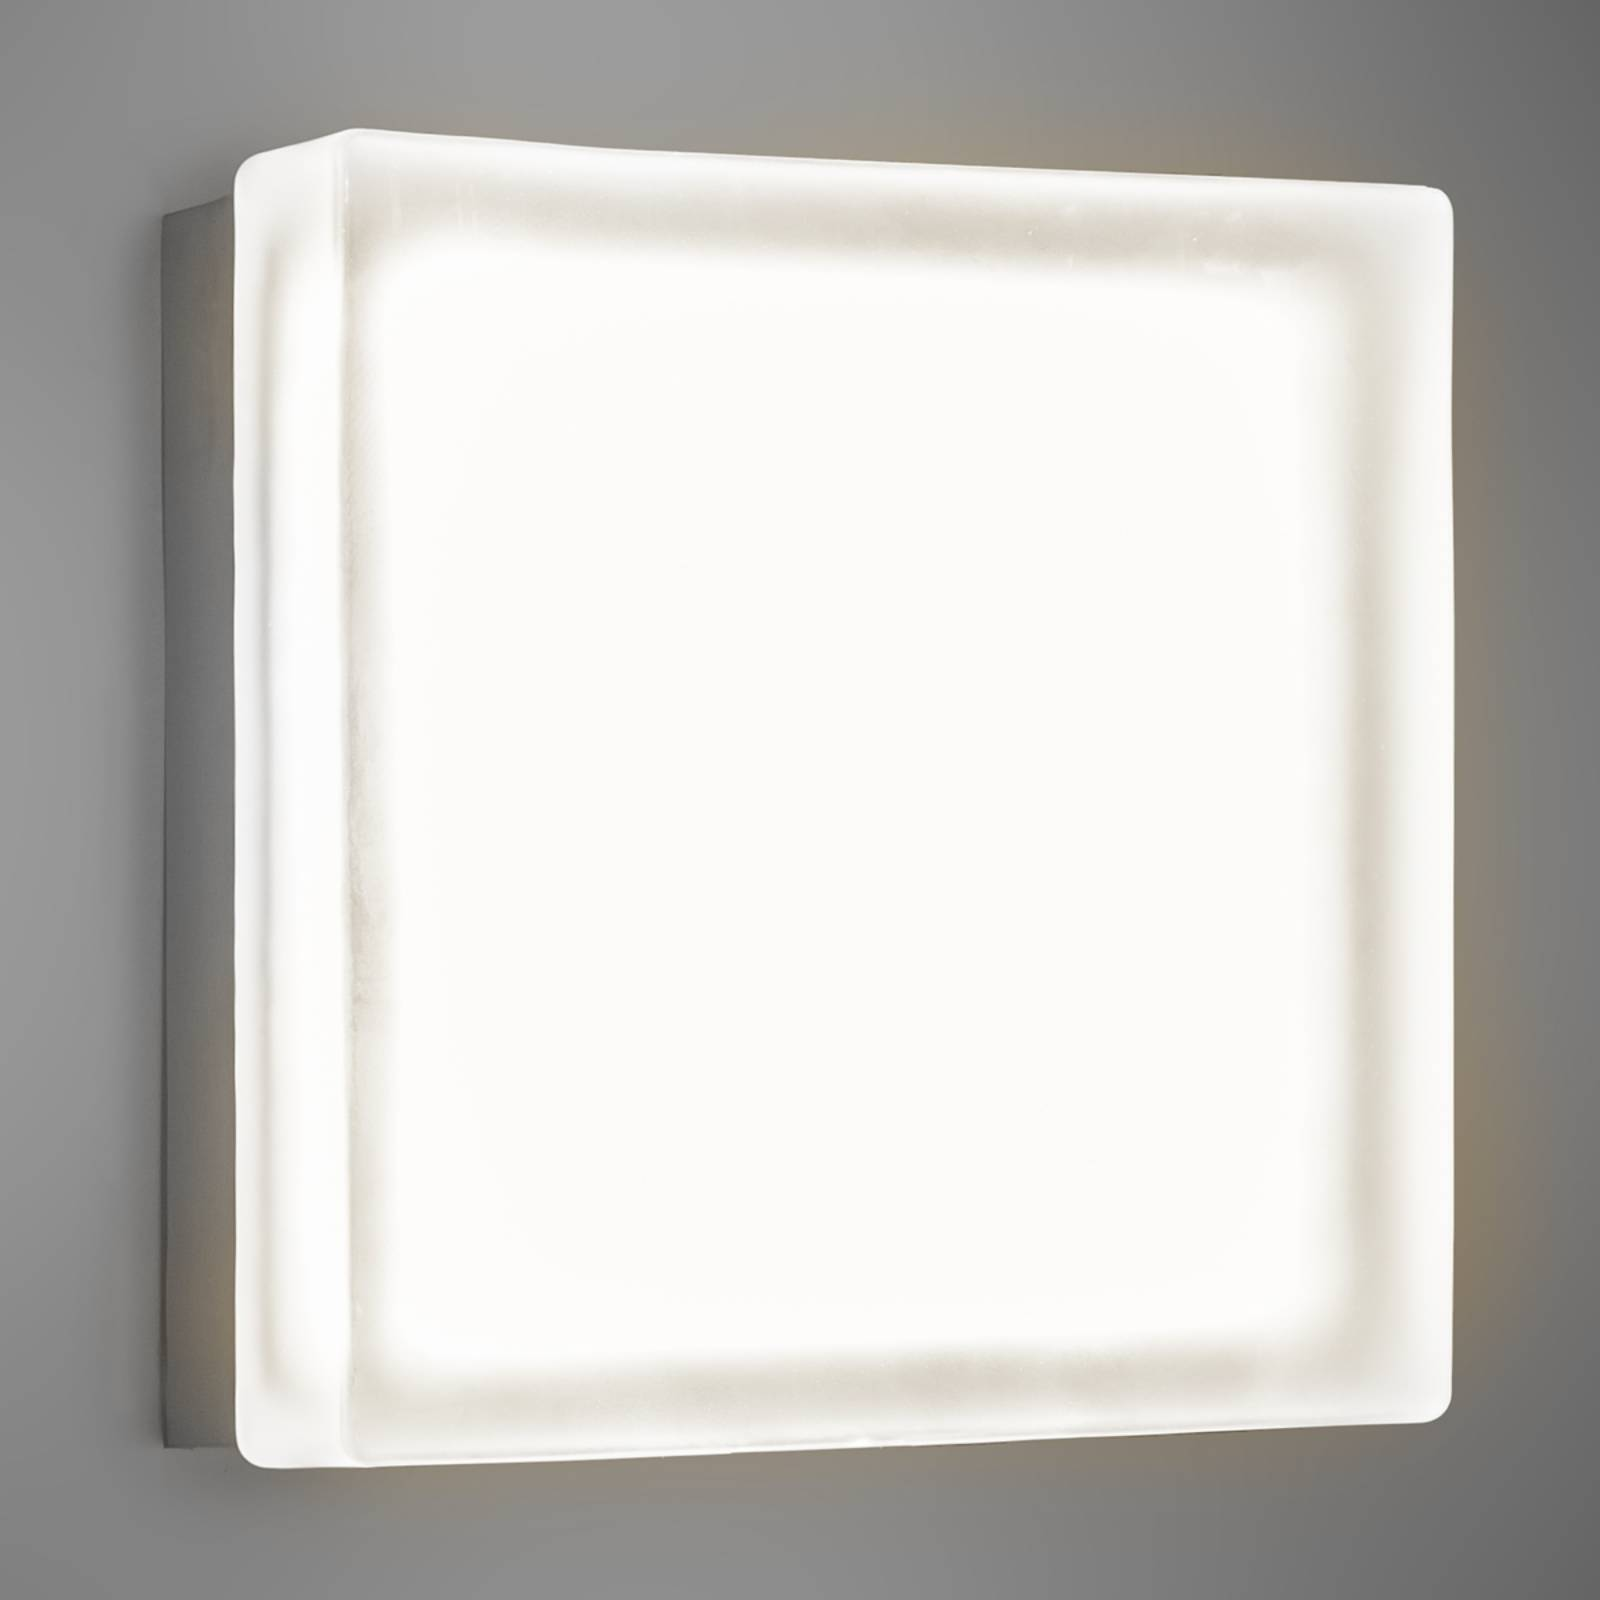 LED-seinävalaisin Briq 02 lämmin valkoinen